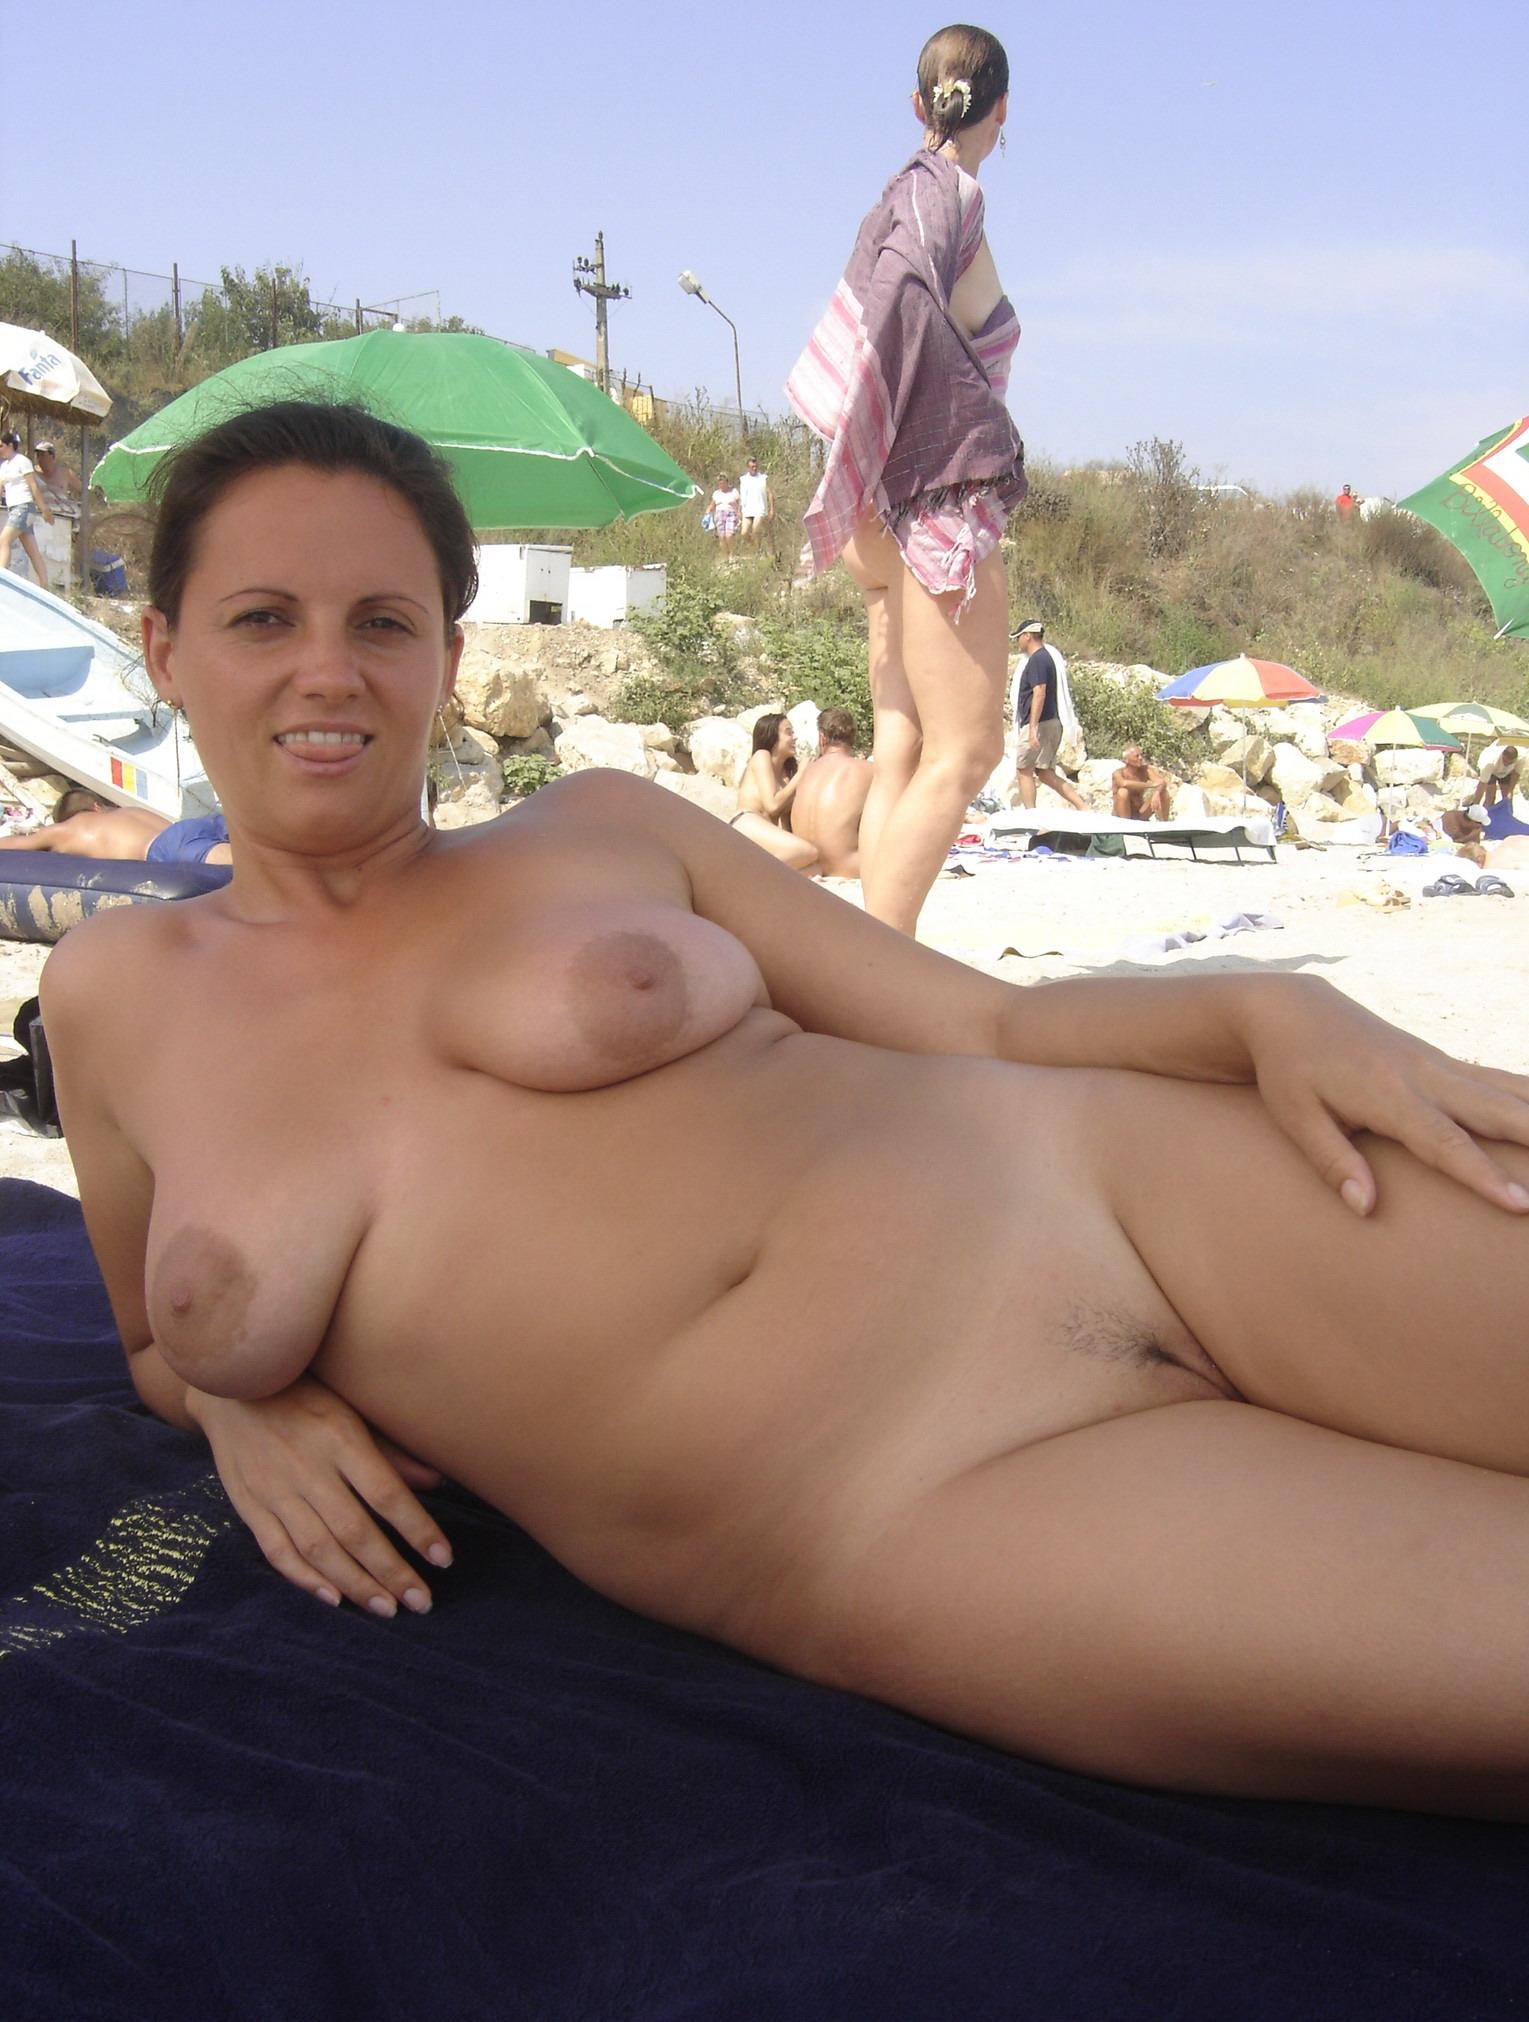 Фото лето пляж секс загорелых 19 фотография